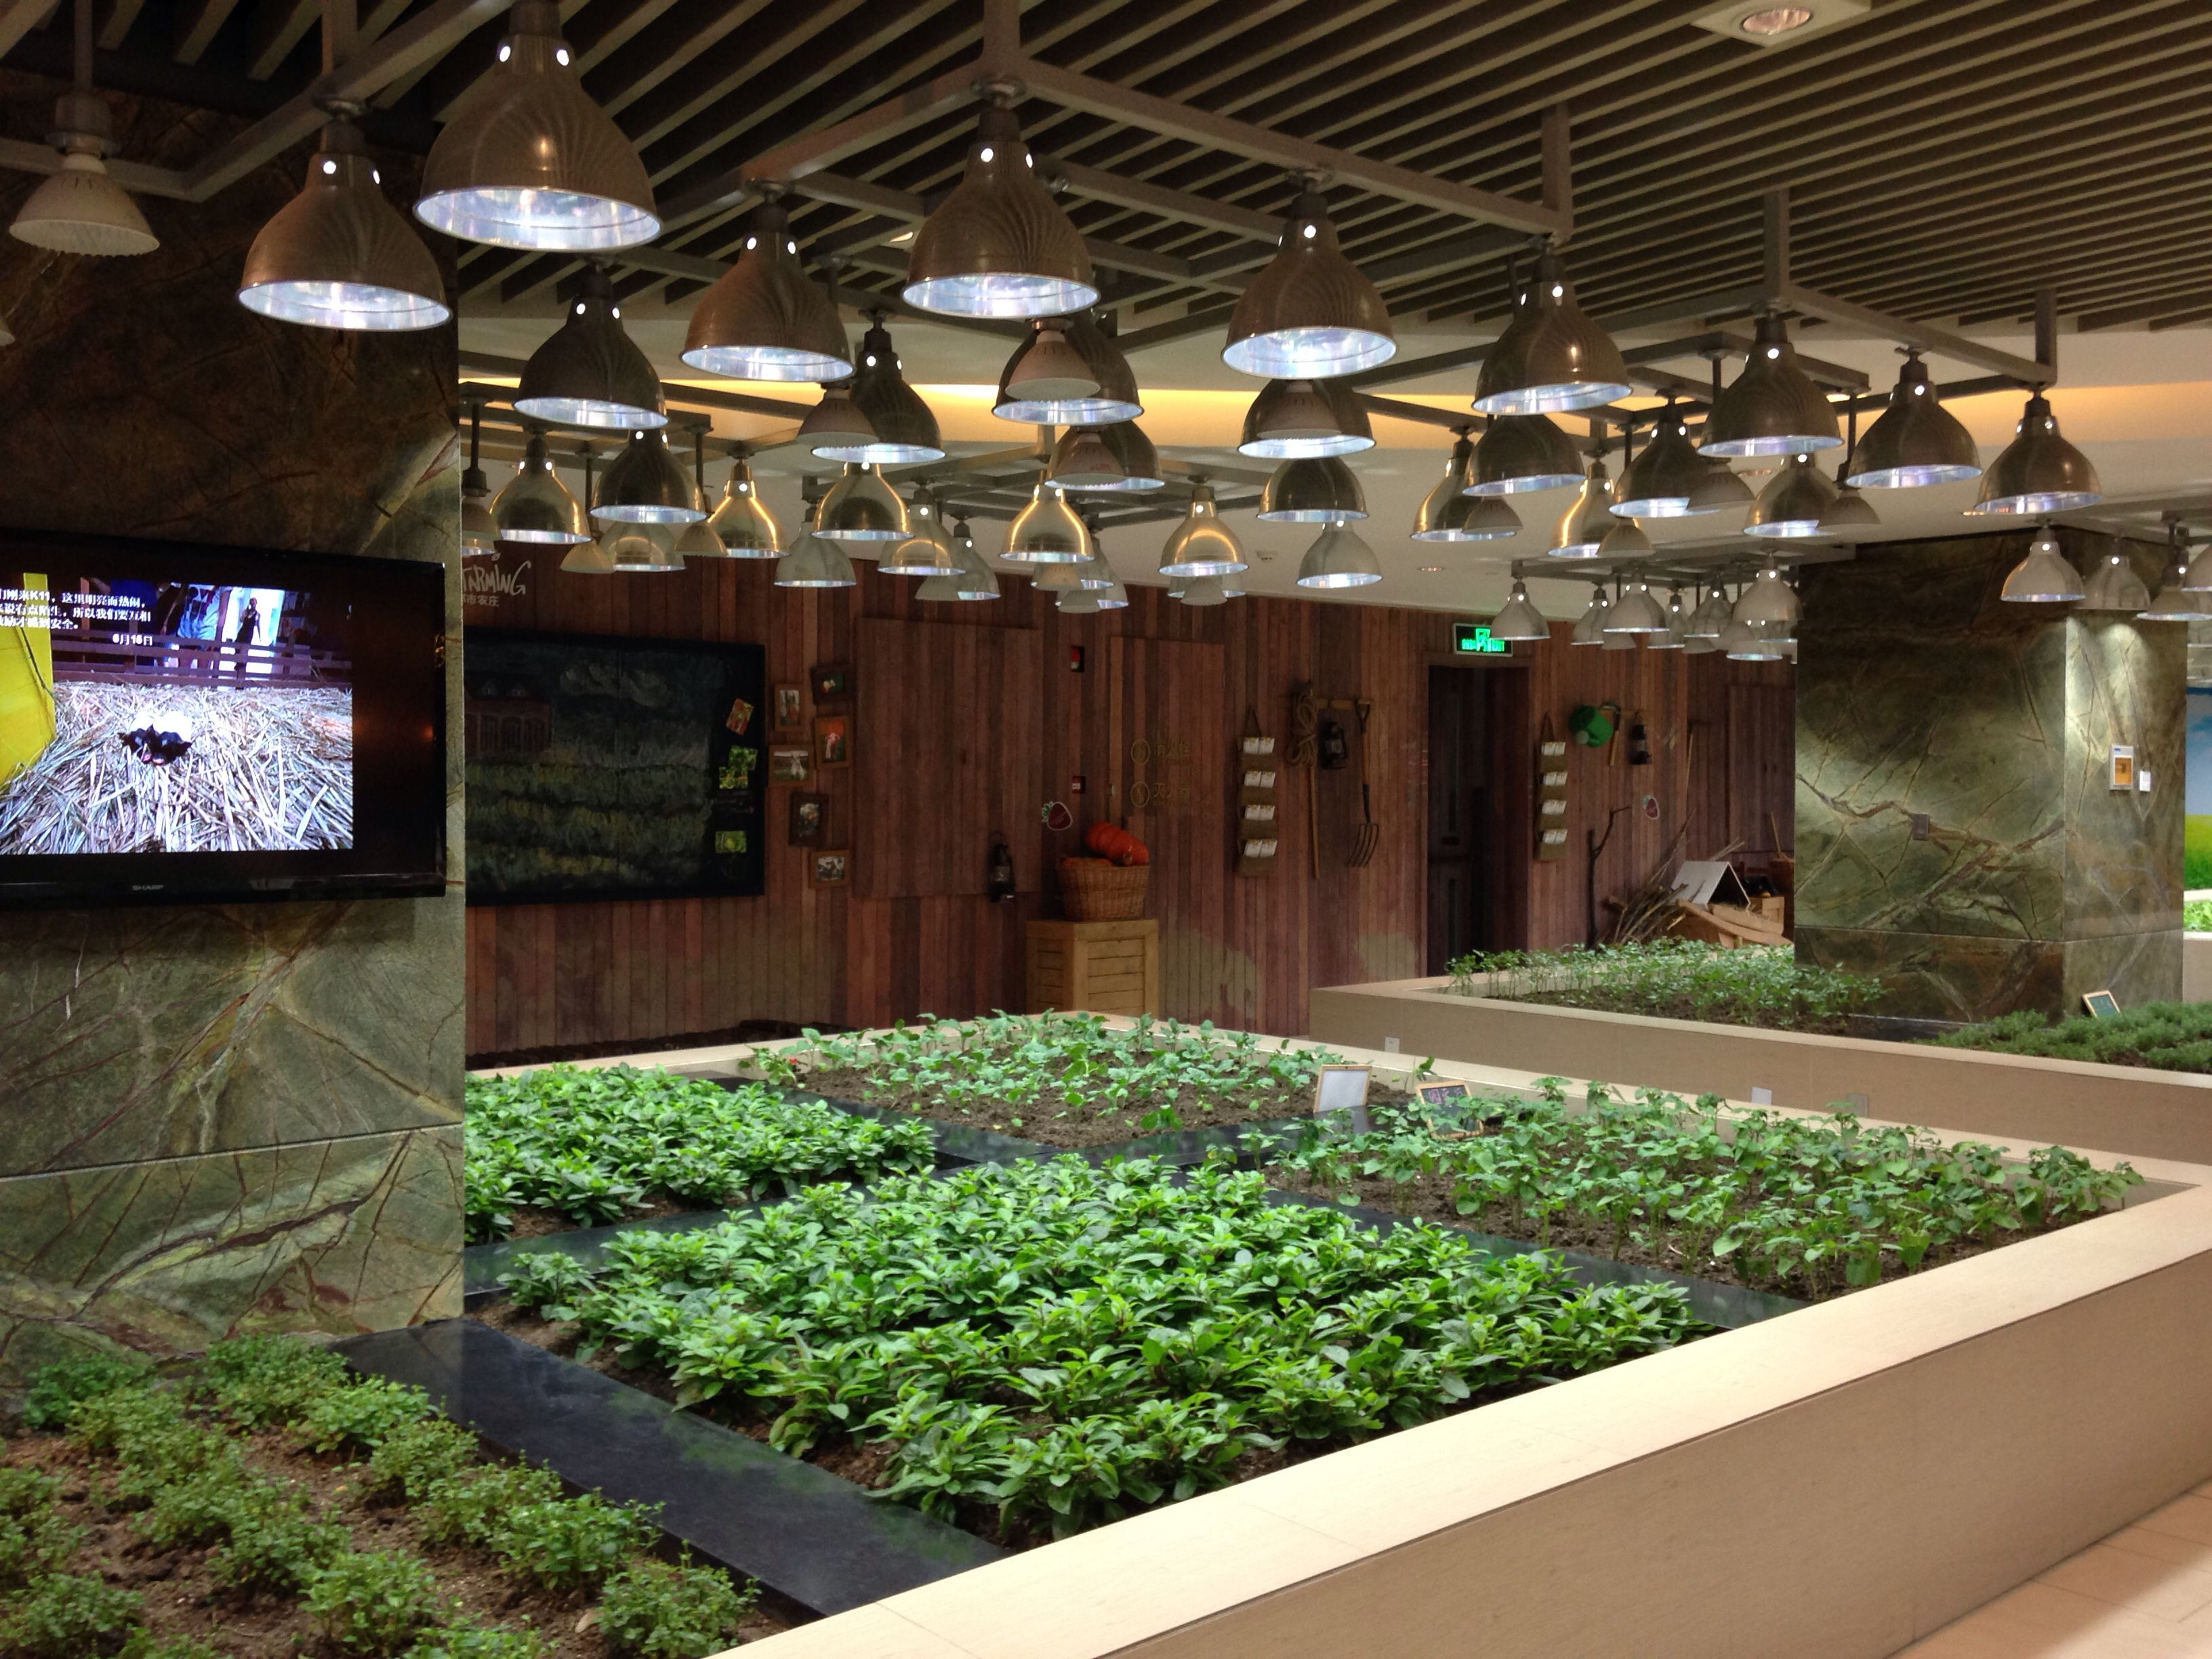 Indoor veggie and herb garden at K11 mall in Shanghai. Restaurant ...